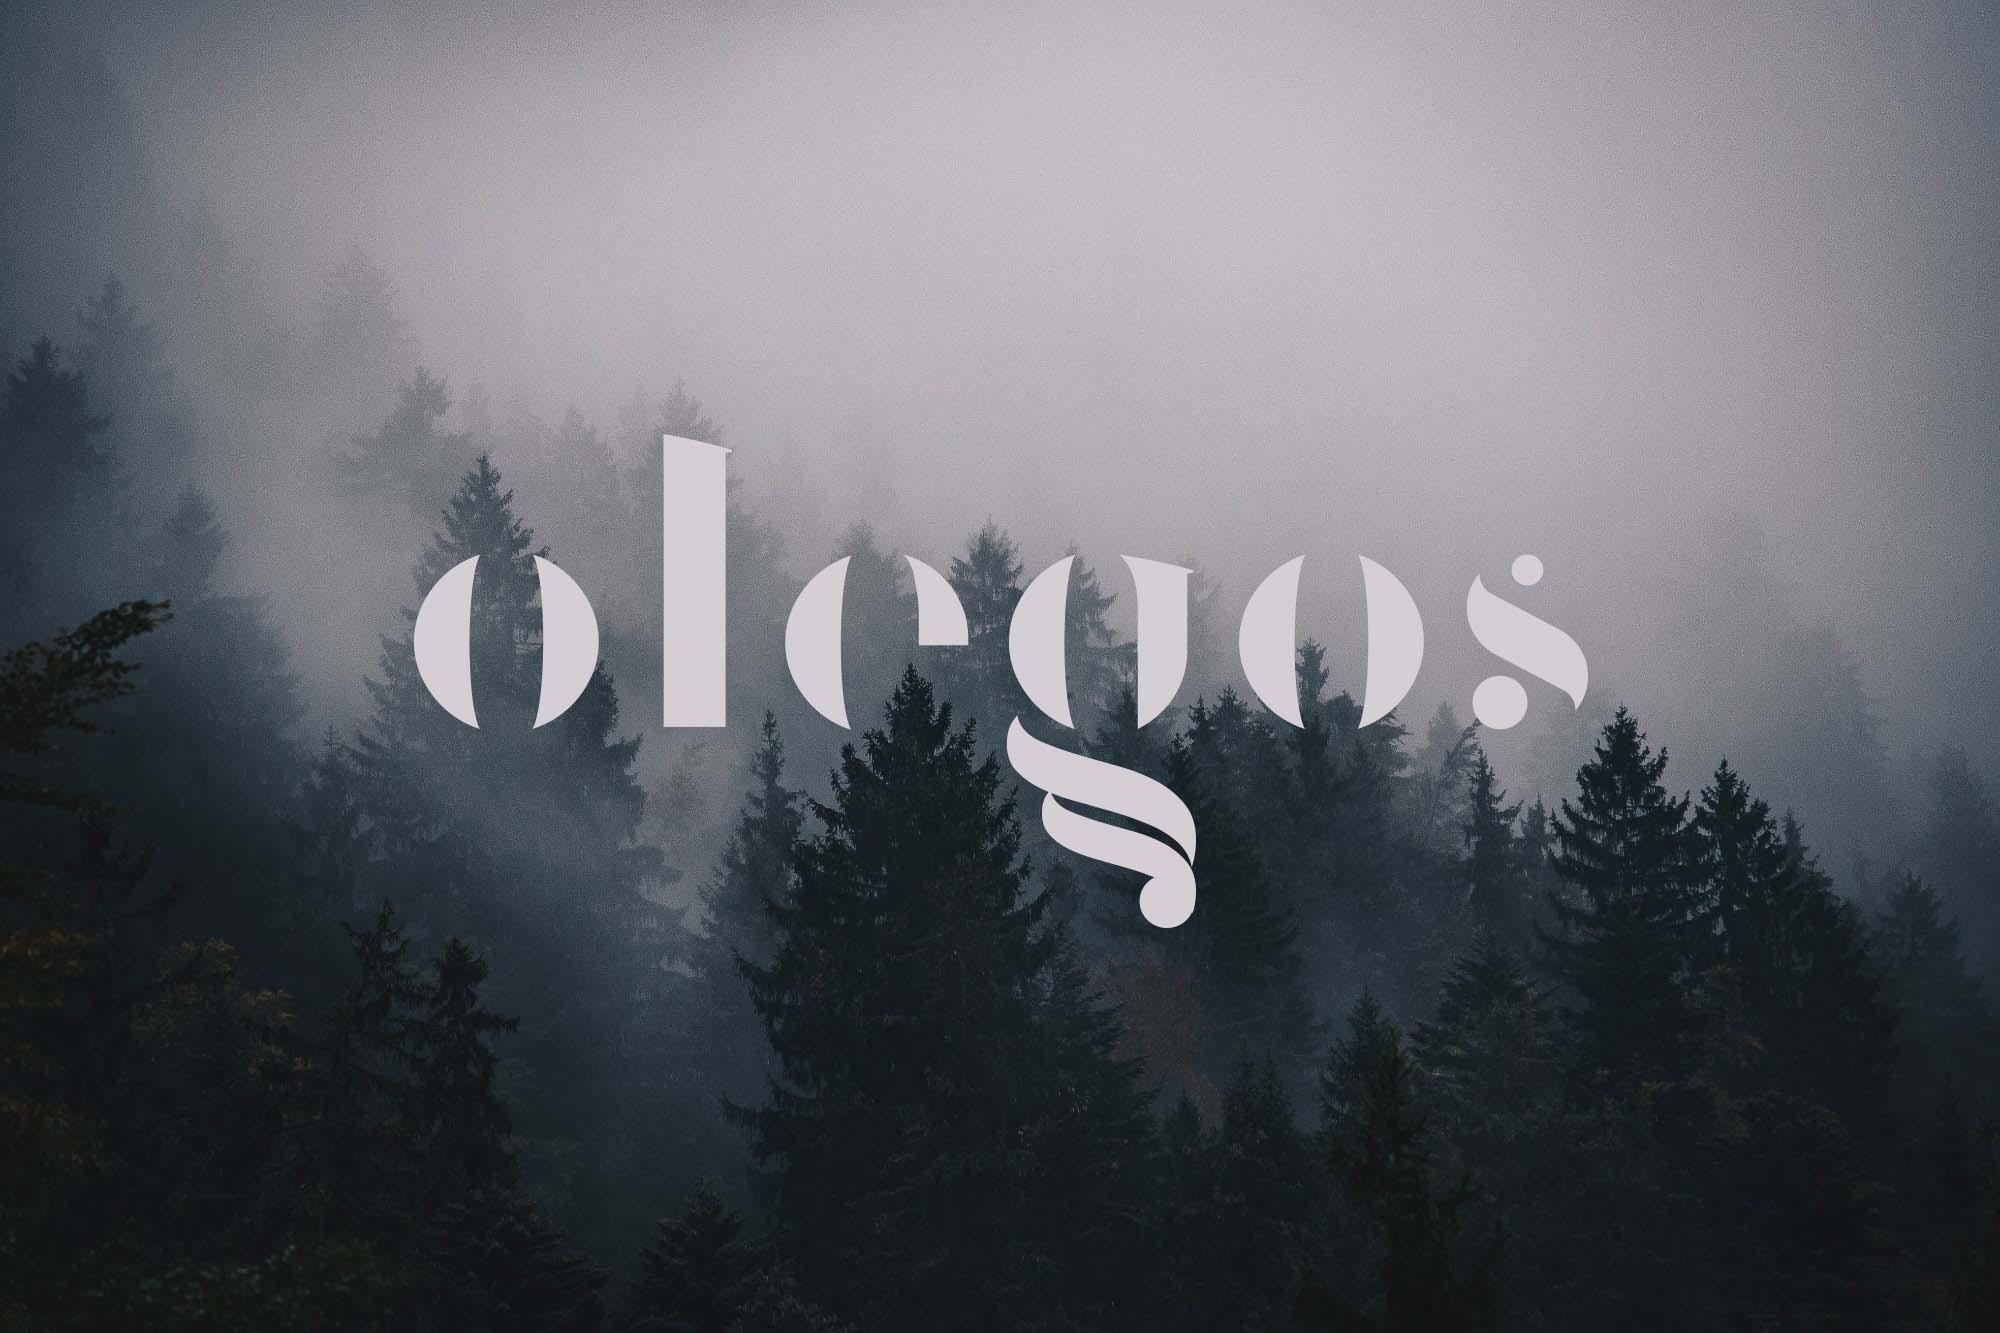 Olegos Font